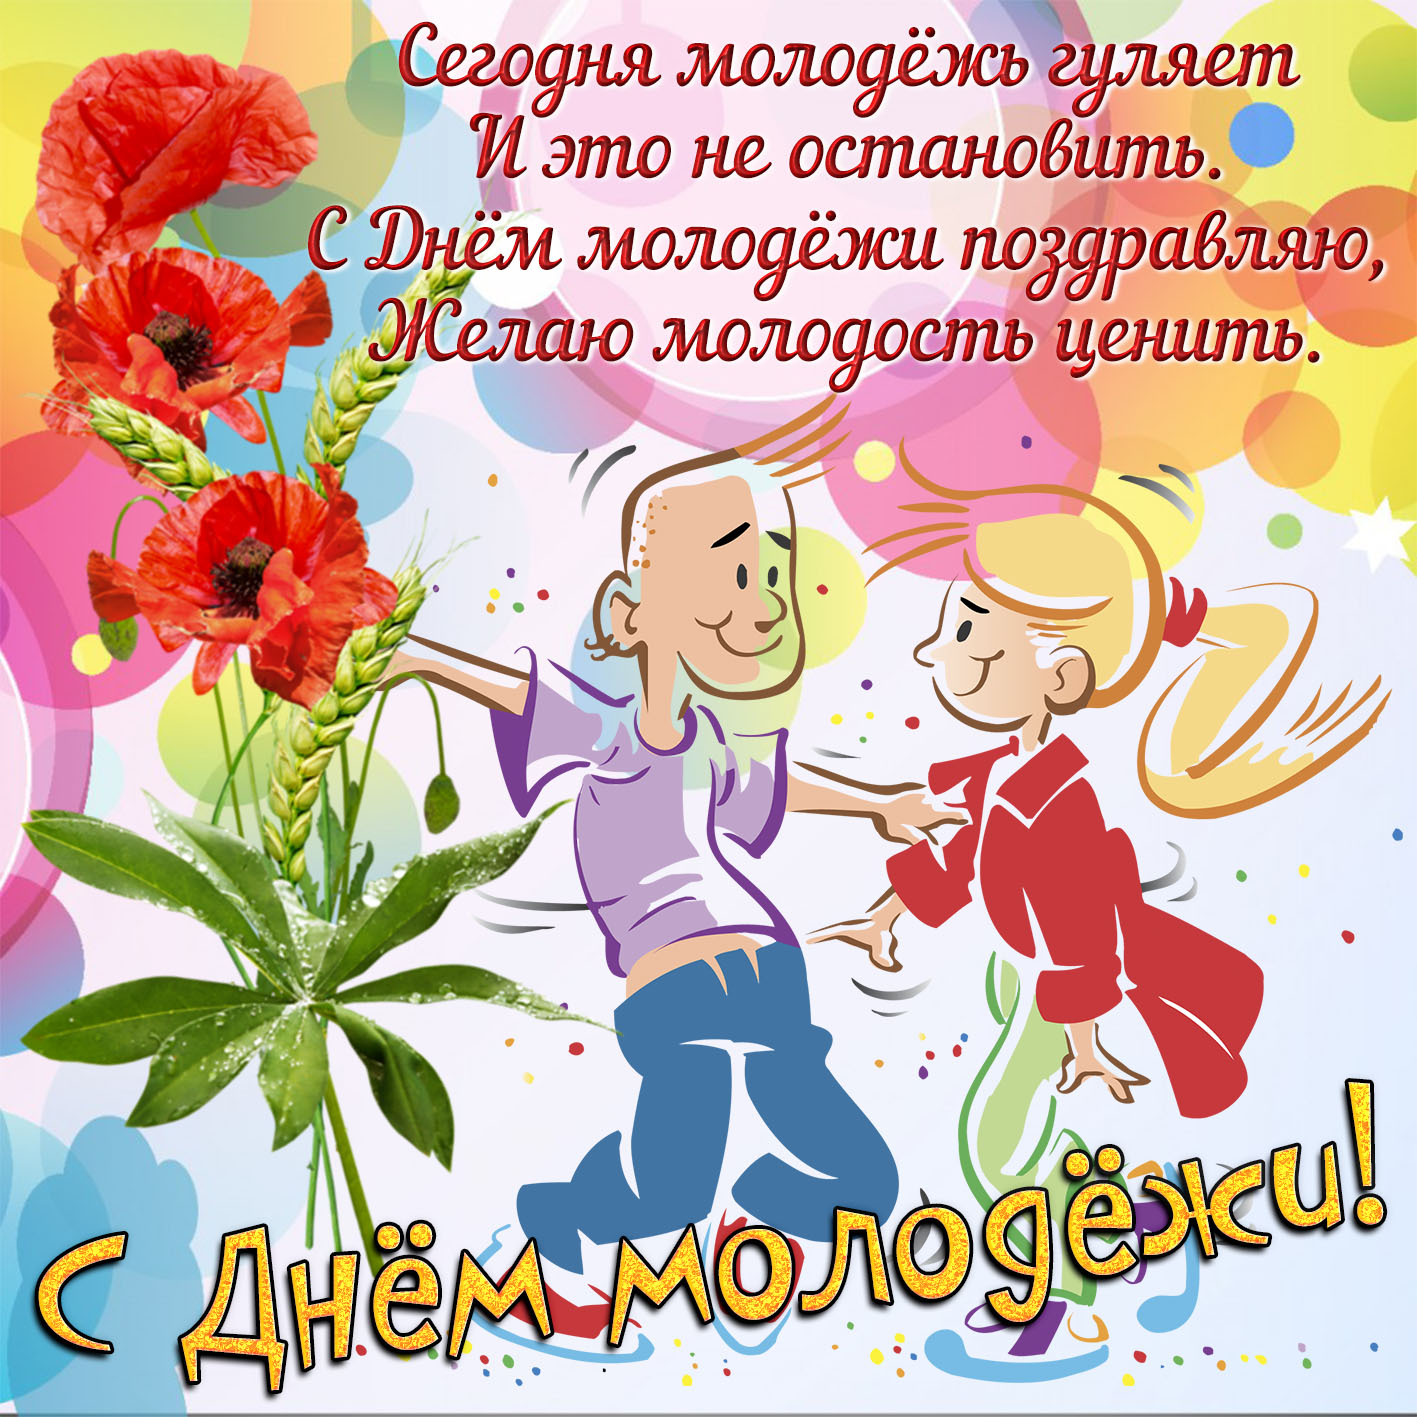 Картинки с днем молодежи россии прикольные, своими руками курсы